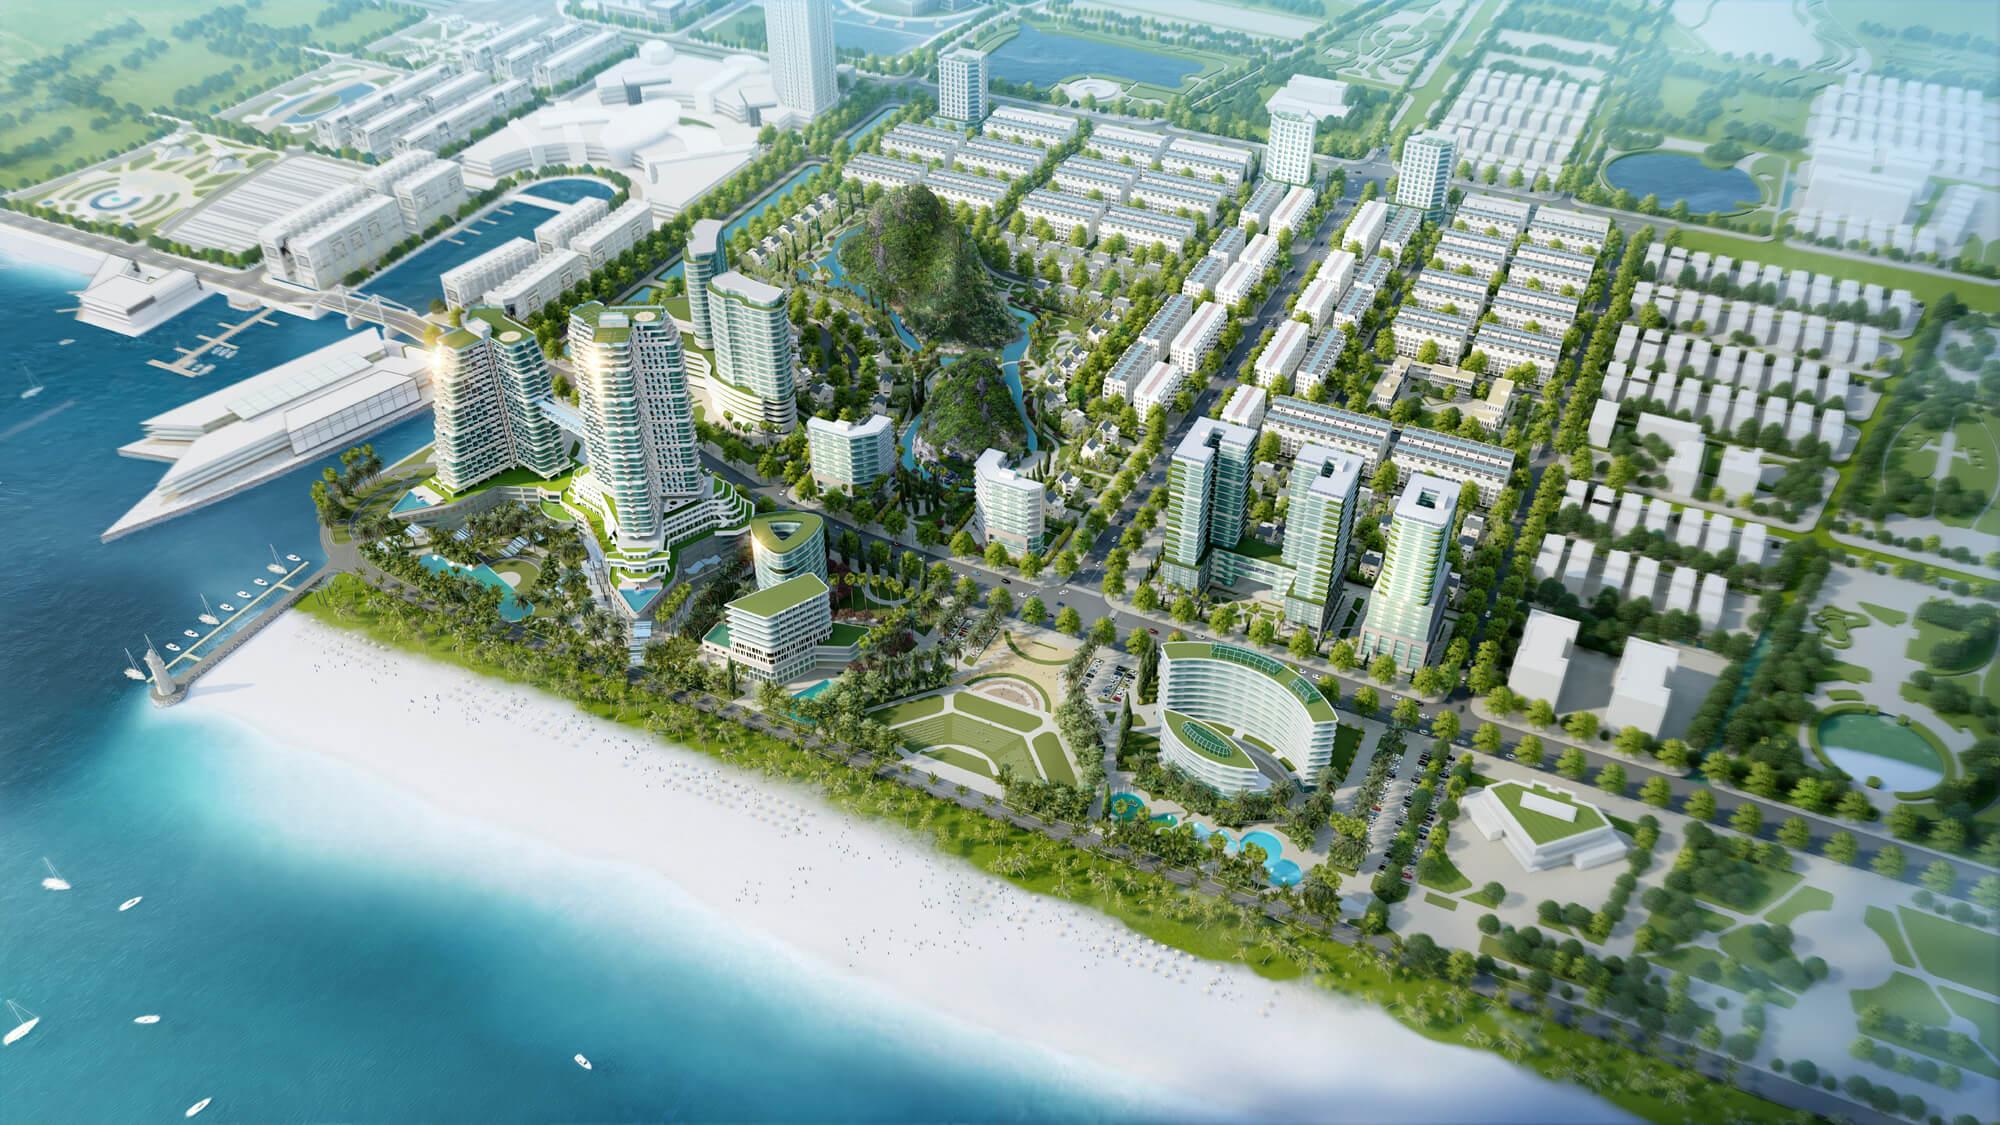 dự án khu đô thị ocean park vân đồn